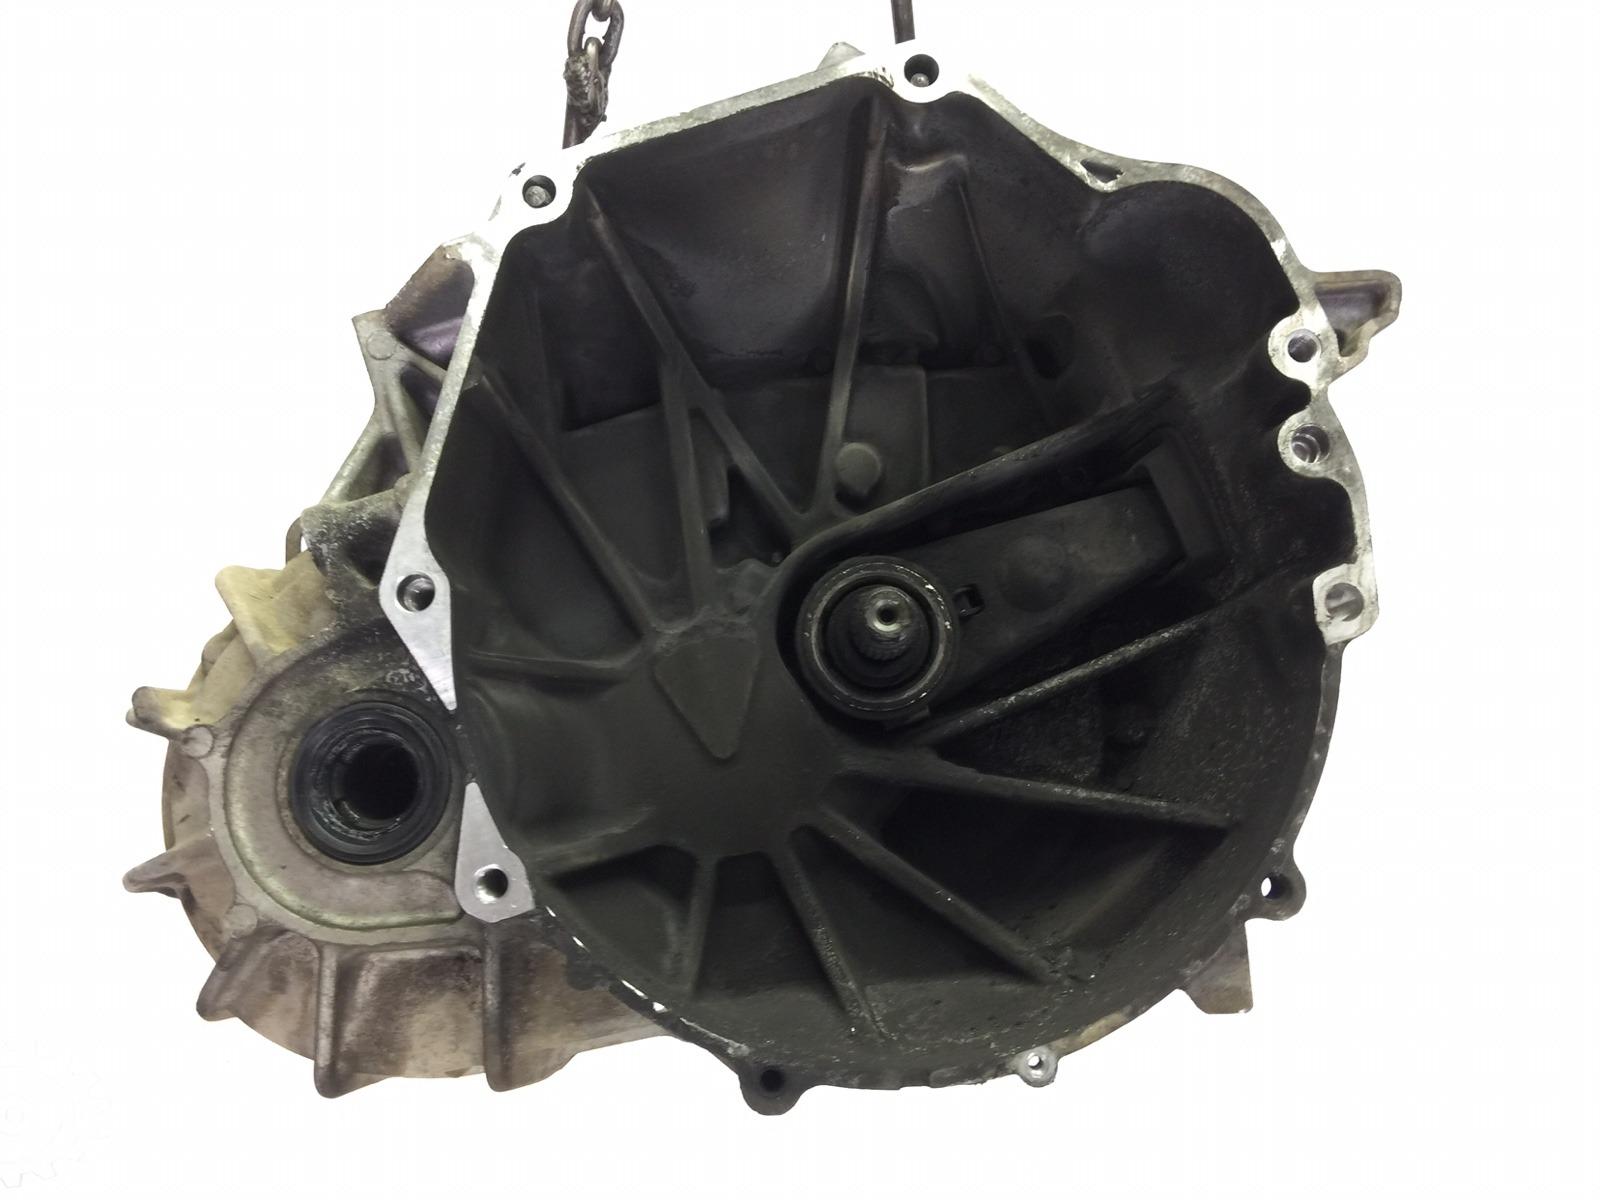 Кпп механическая (мкпп) Honda Accord MK6 2.0 I 2003 (б/у)